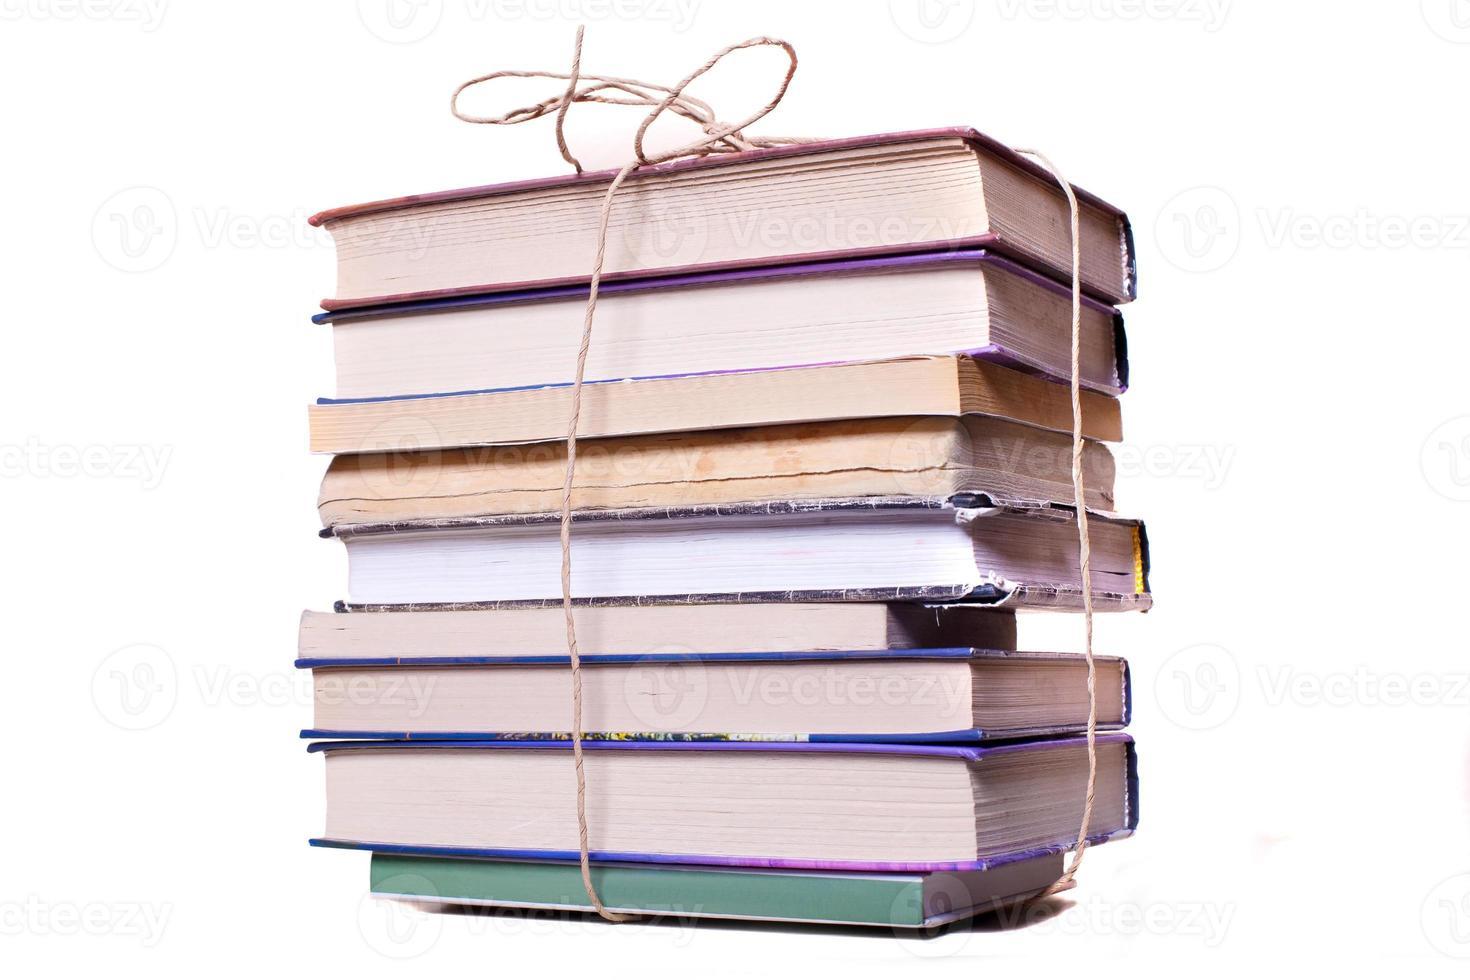 alte Bücher foto